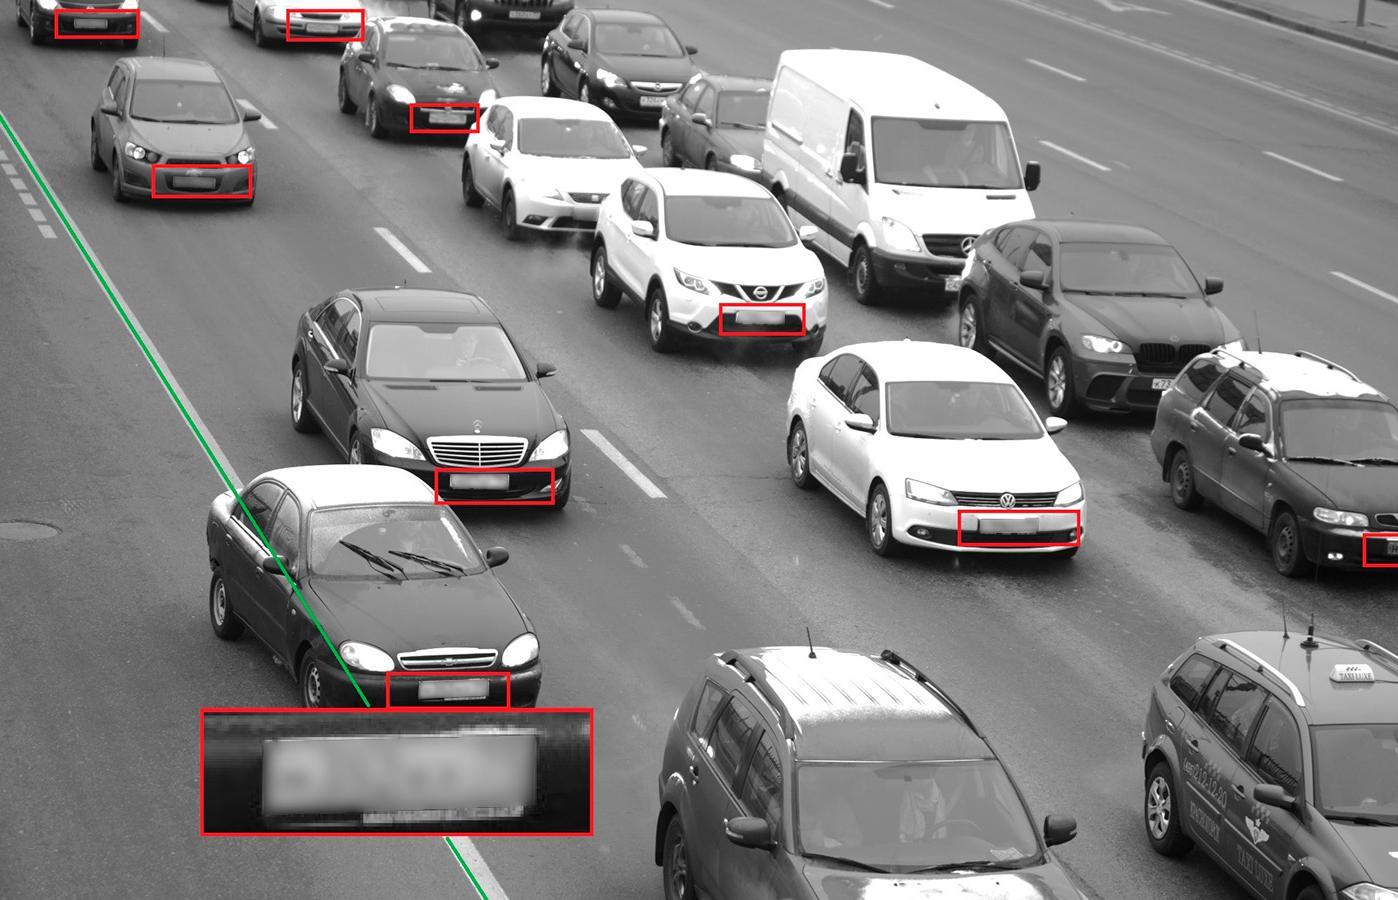 Недобросовестные водители придумали, как обмануть дорожные камеры - новости Афанасий